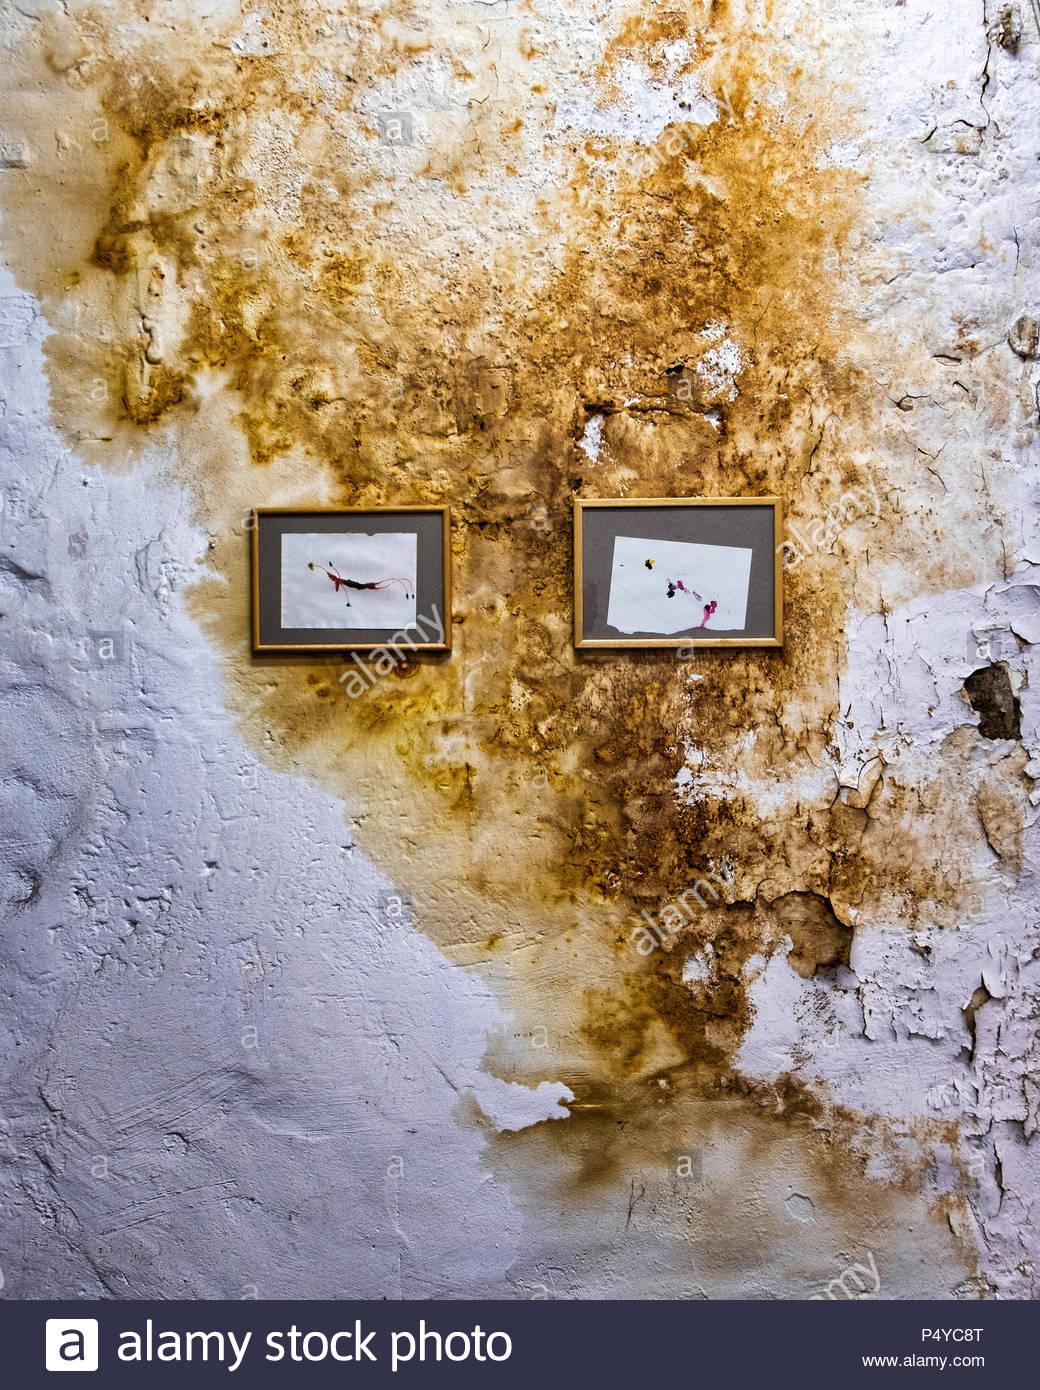 Deutschland, Berlin, Mitte, 23. Juni 2018. Die Aktuelle Ausstellung, AROMA  MUSA, In Der Torstraße 111   Forum Für Zeitgenössische Kunst Berlin E.